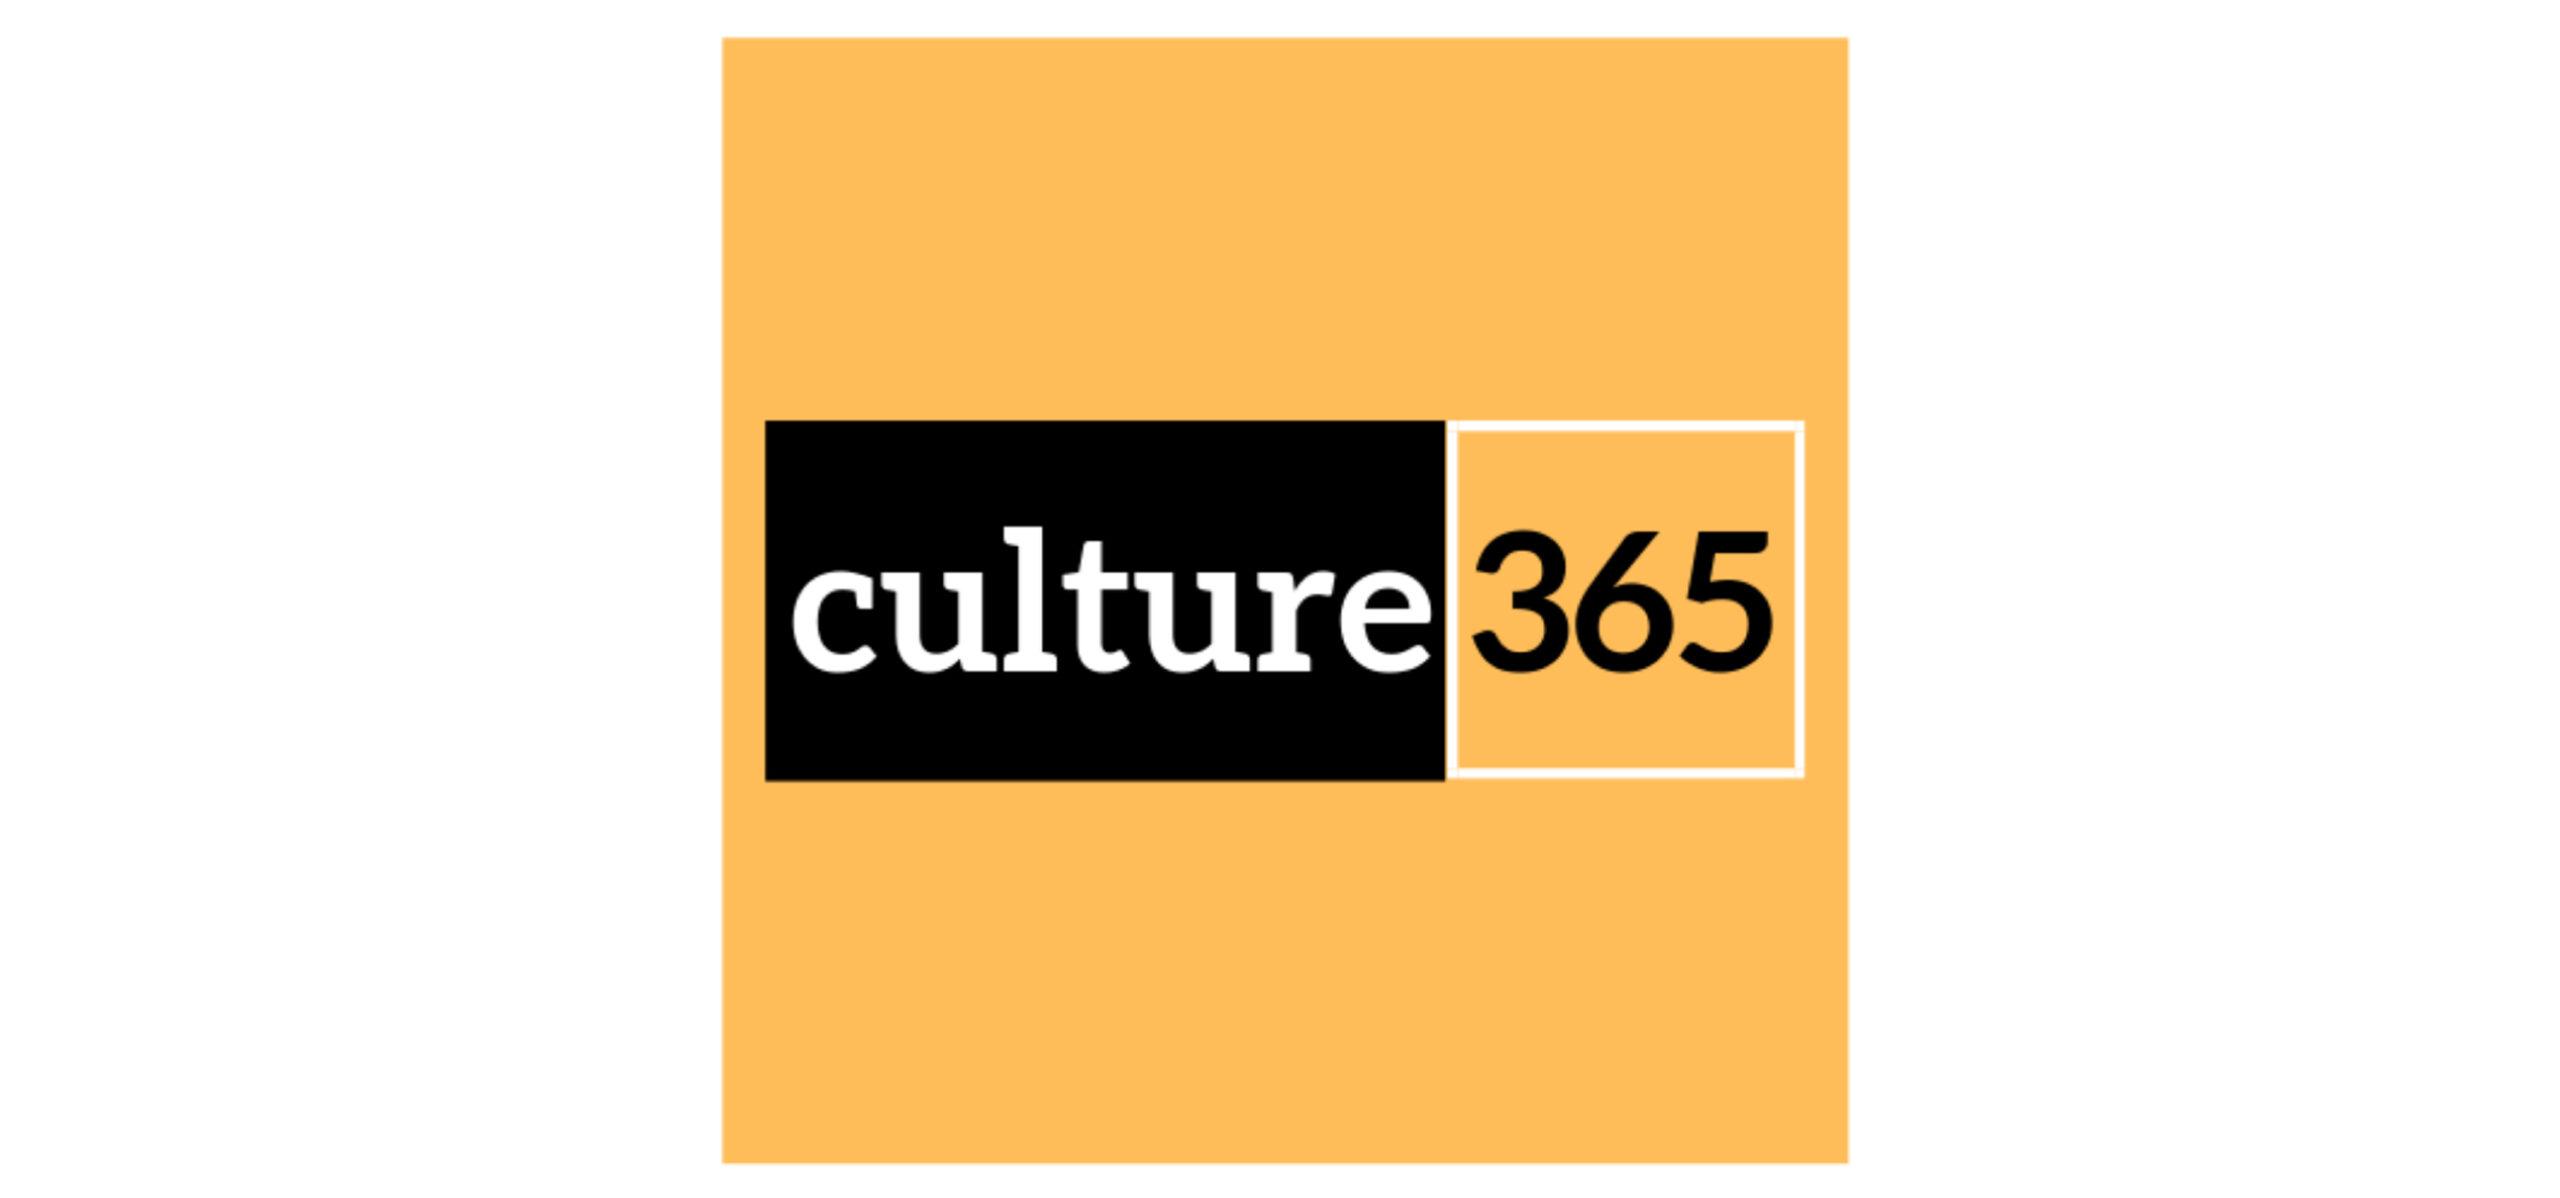 Culture365